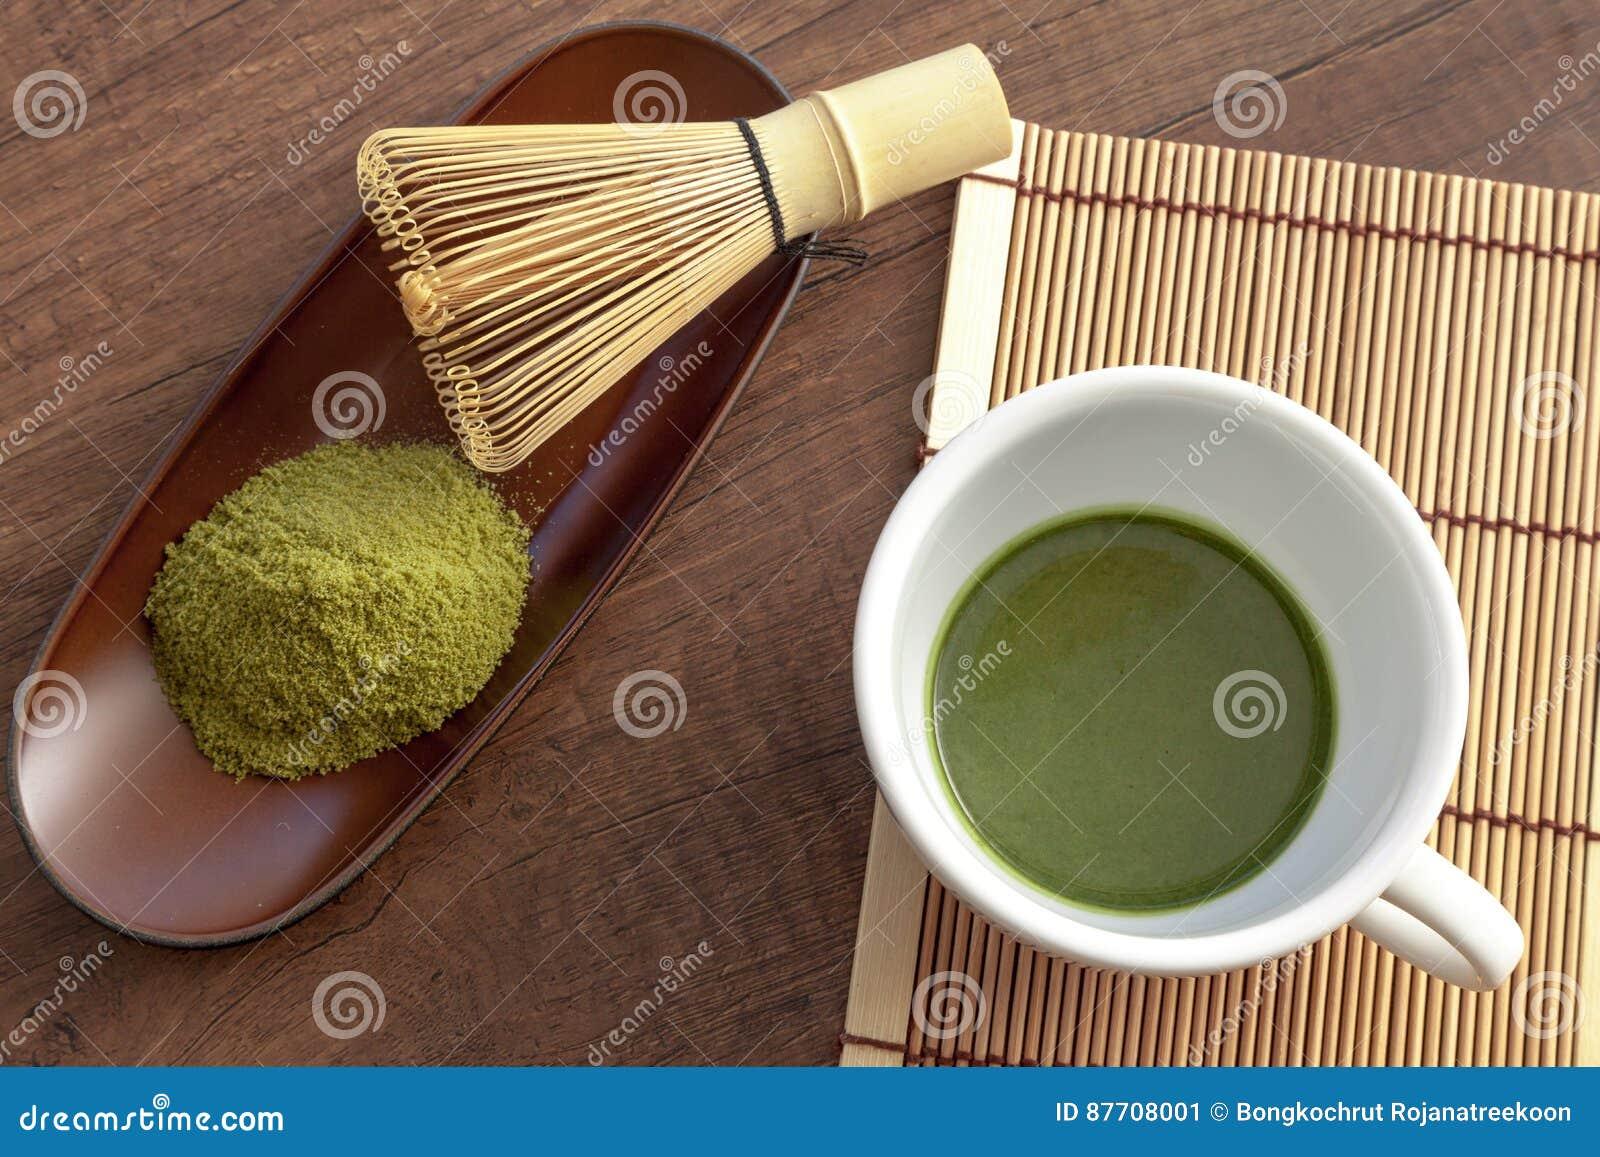 Style original et japonais de Matcha avec une certaine poudre de thé vert et t